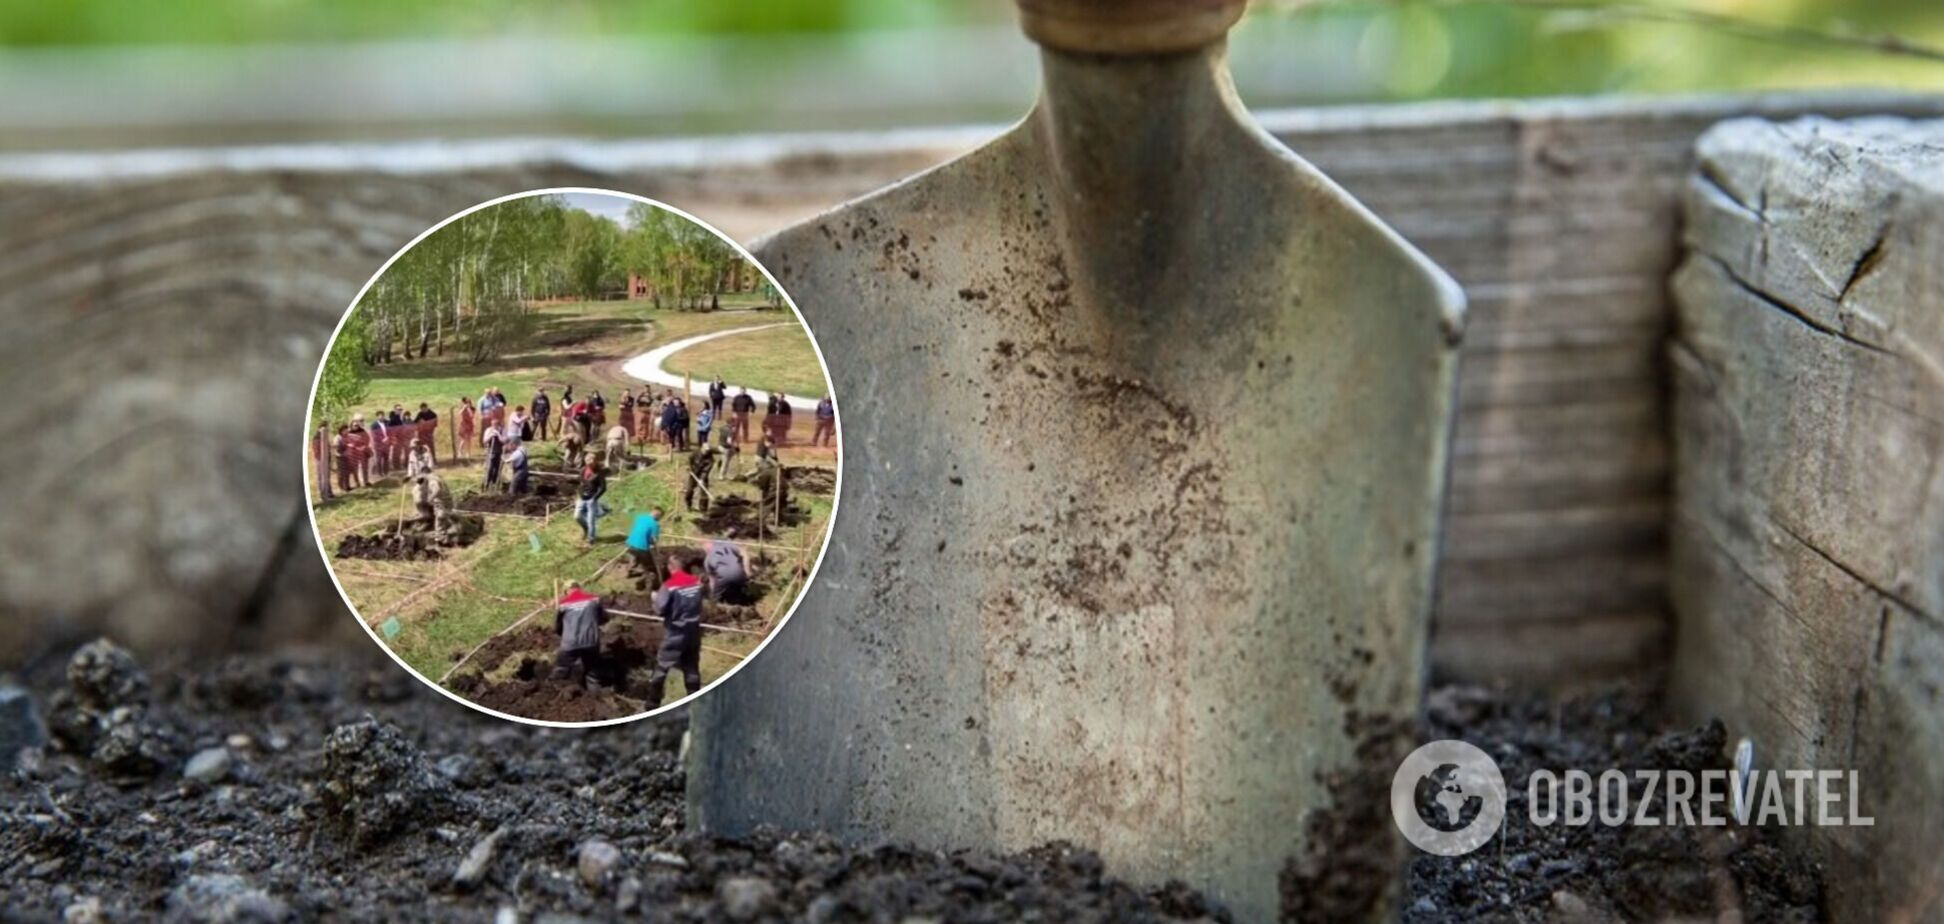 В РФ устроили чемпионат по копанию могил с денежным призом. Видео